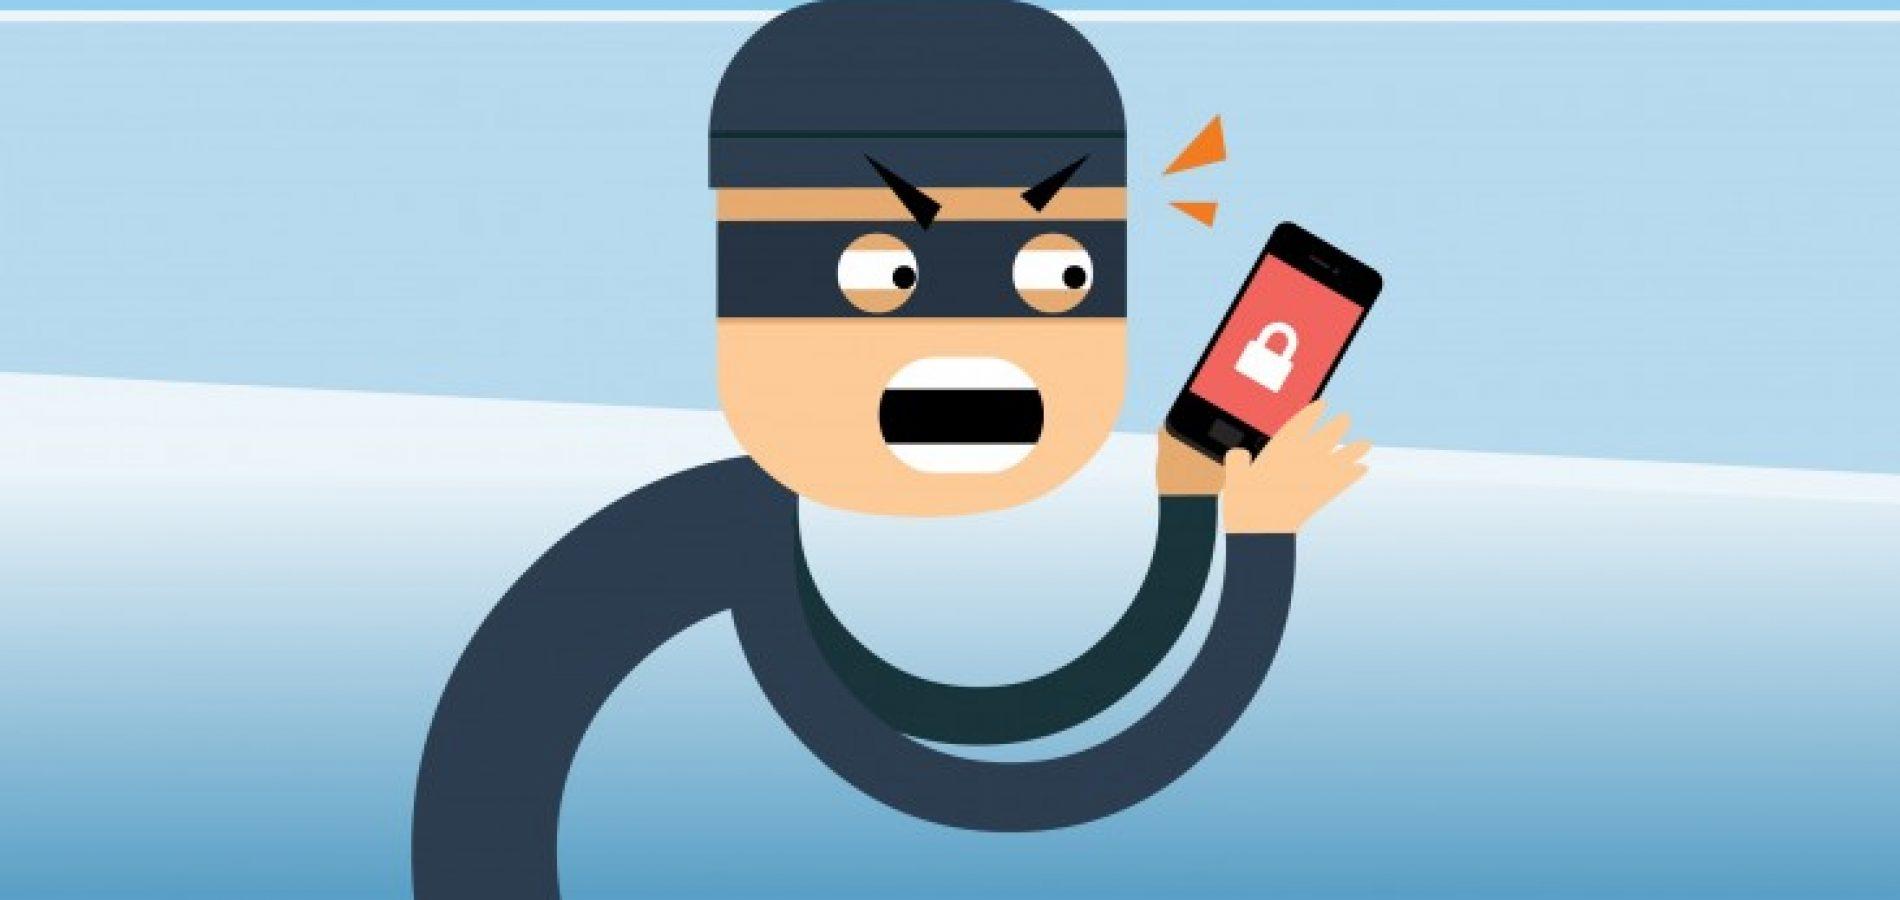 Piauí adere a cadastro que permite bloqueio de celular furtado